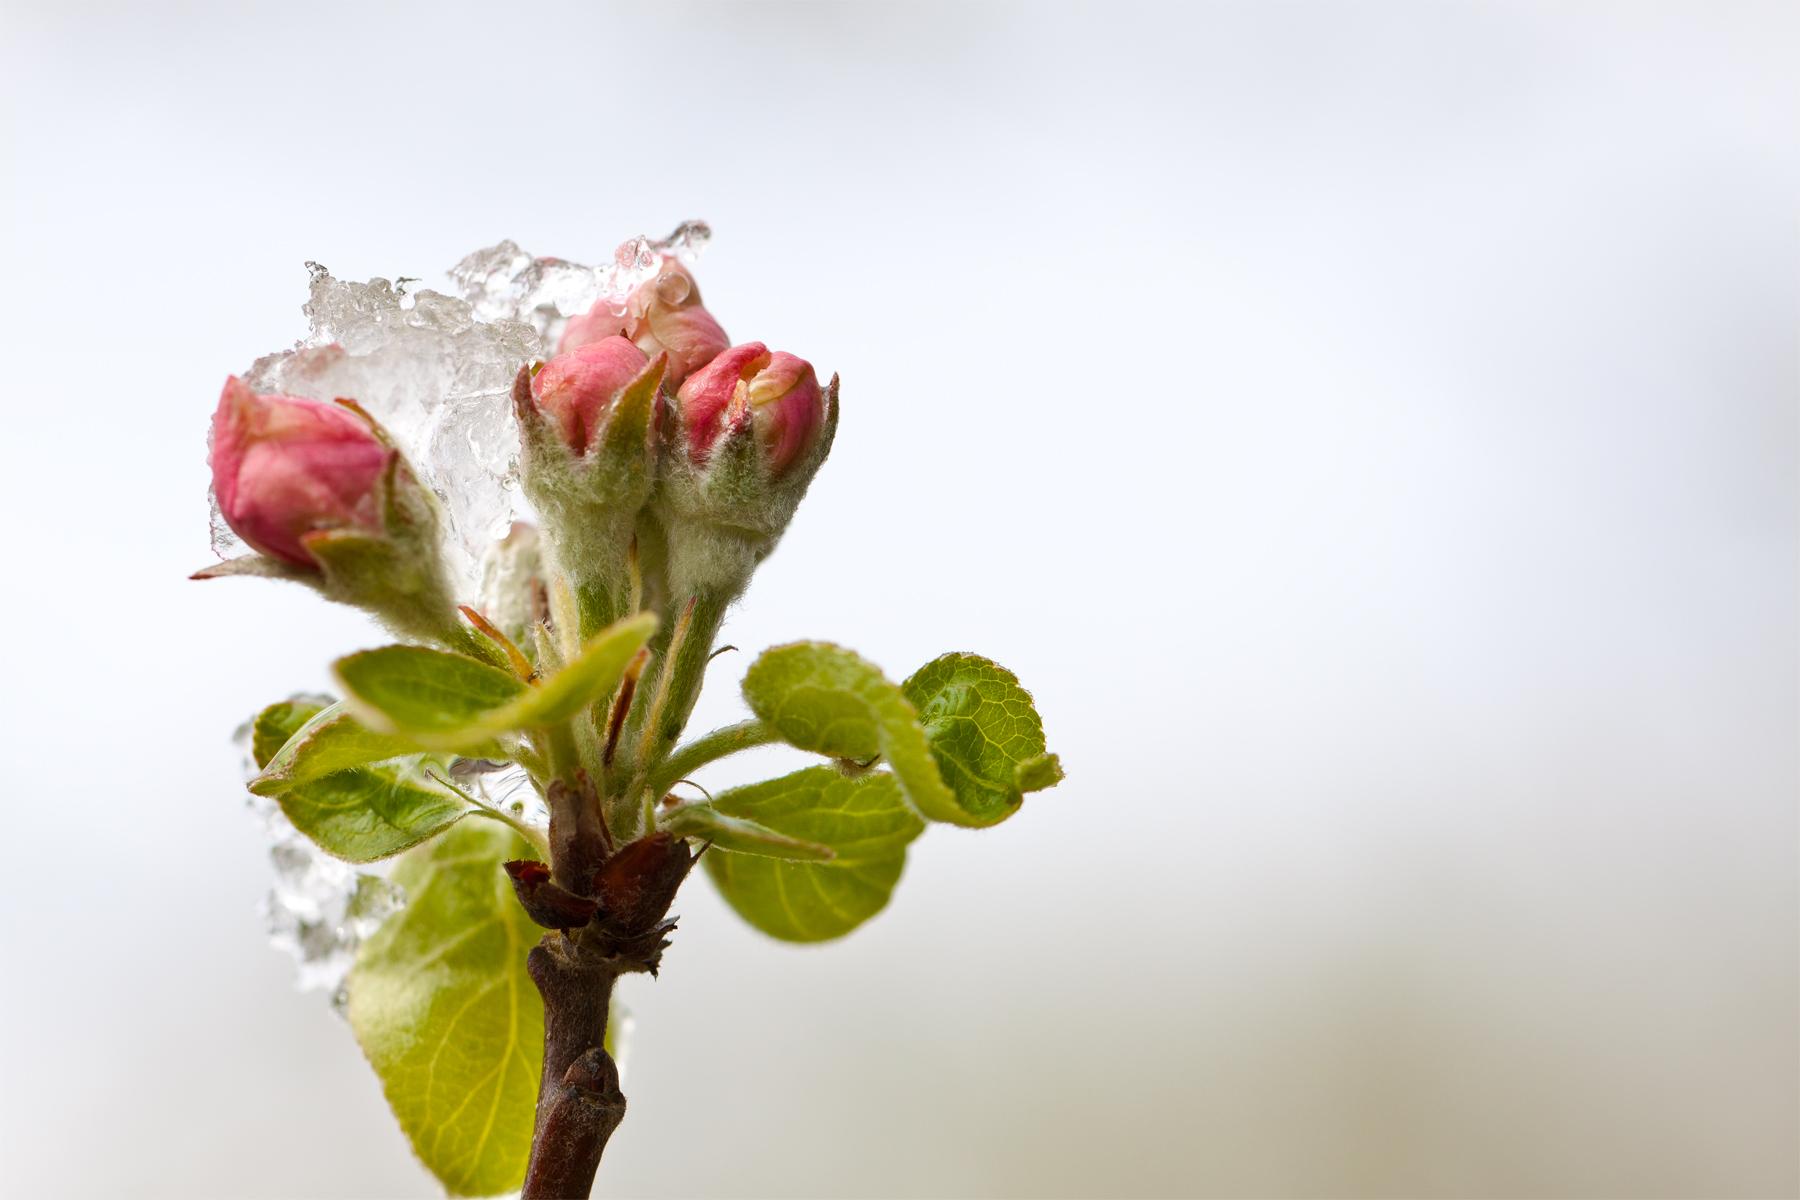 Haarige Apfelblüte mit wässrigem Schnee